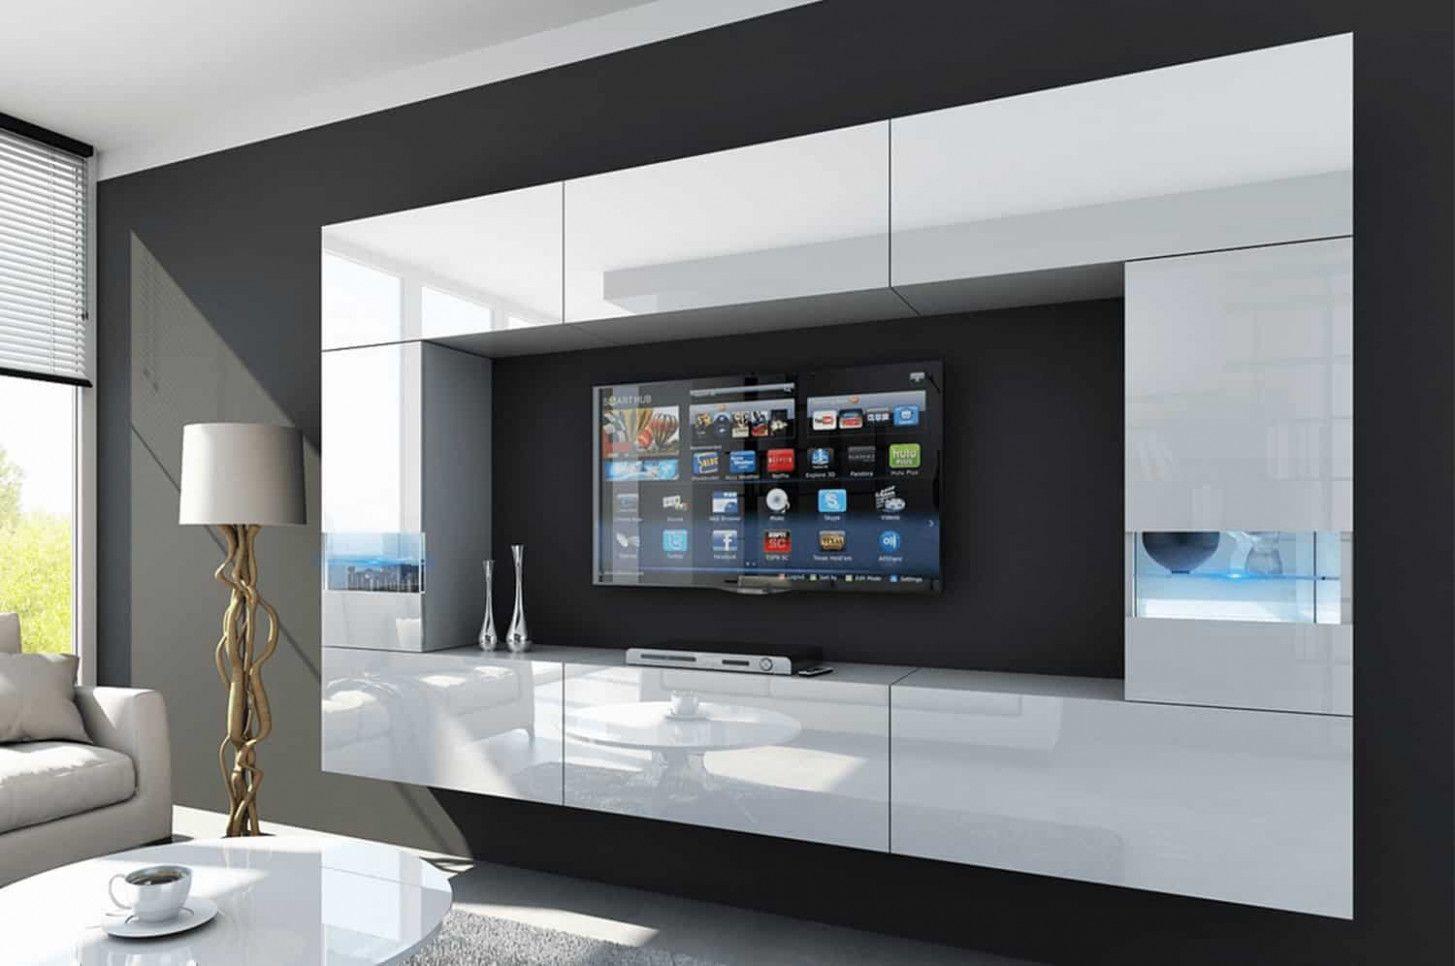 7 Grandes Idees Muebles De Salon Baratos Conforama Que Vous Pouvez Partager Avec Vos Amis En 2020 Meuble Tv Angle Meuble Design Meuble Mural Salon